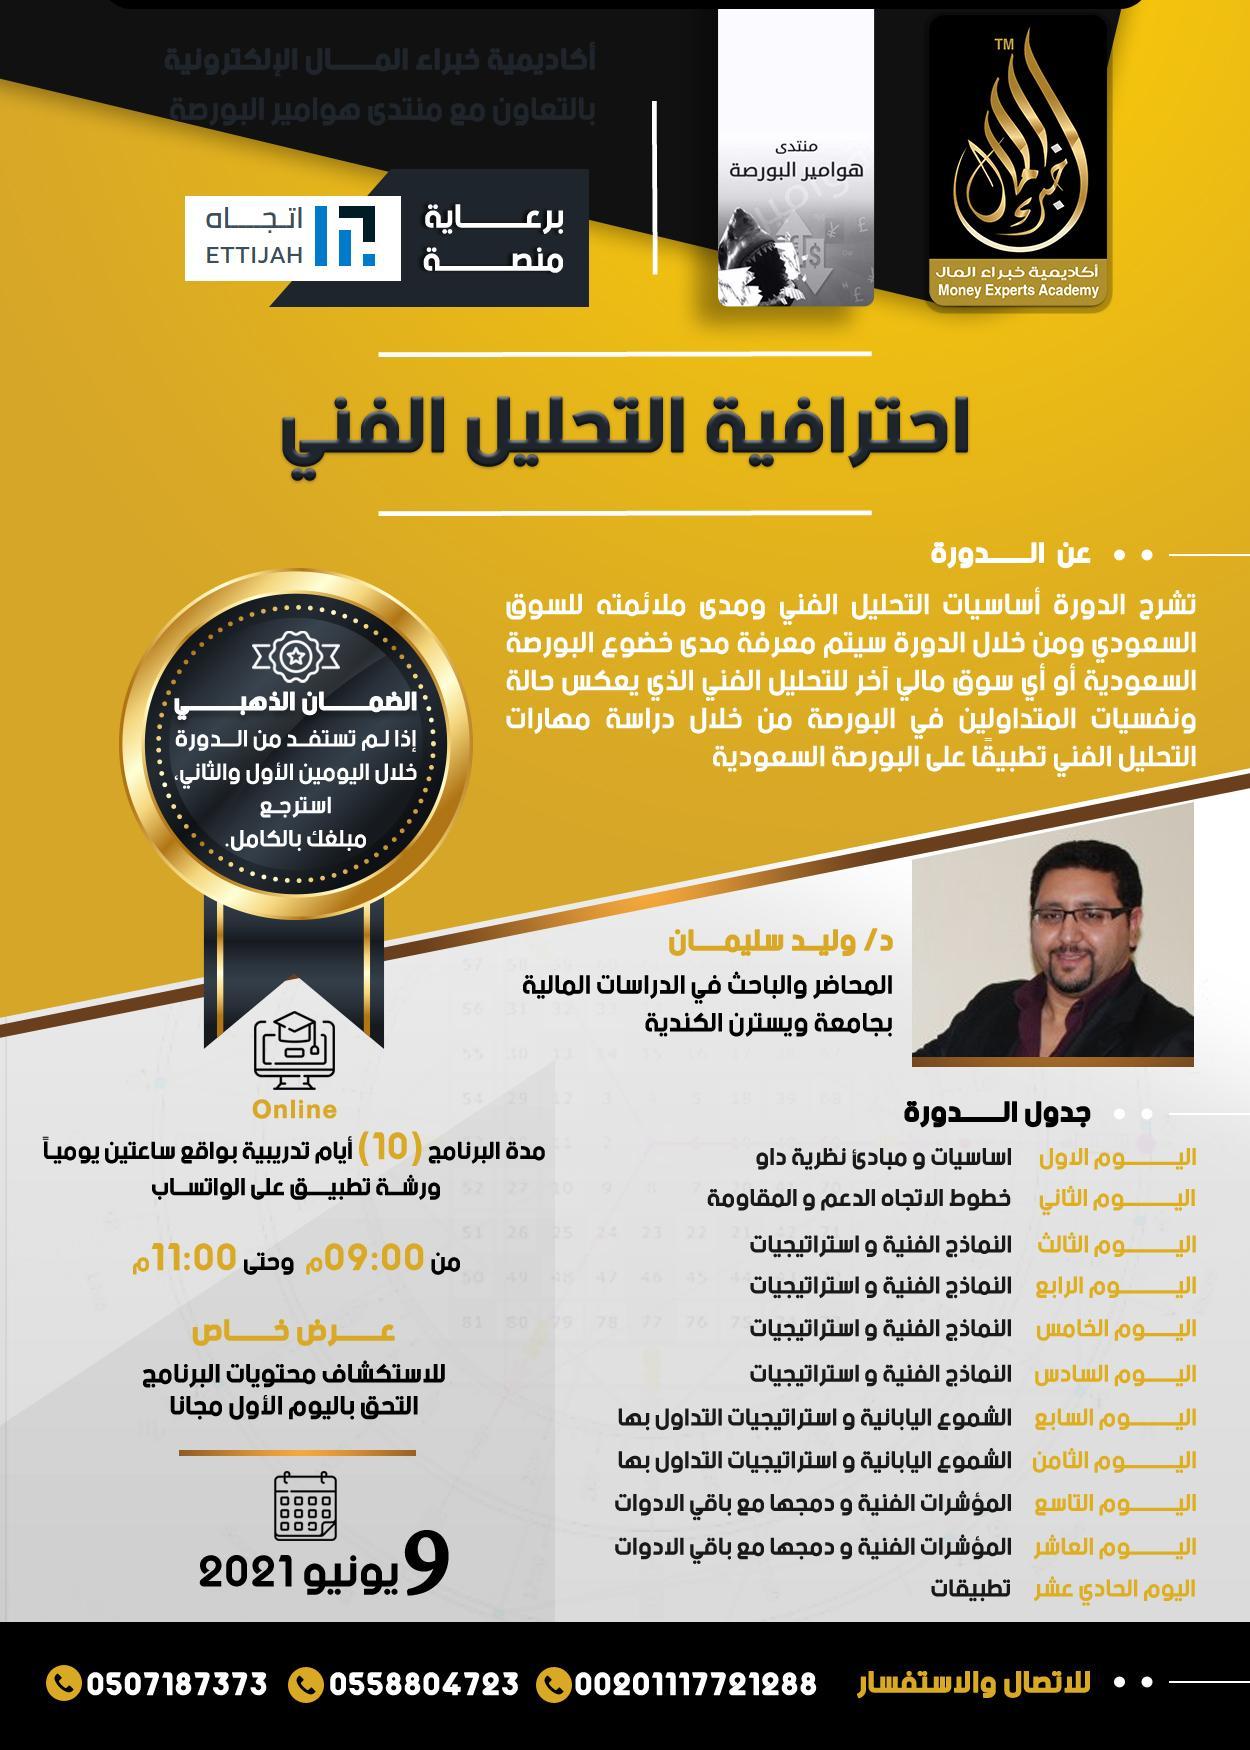 إحترافية التحليل الفني فى السوق السعودي يقدمها د.وليد سليمان 9 يونيو